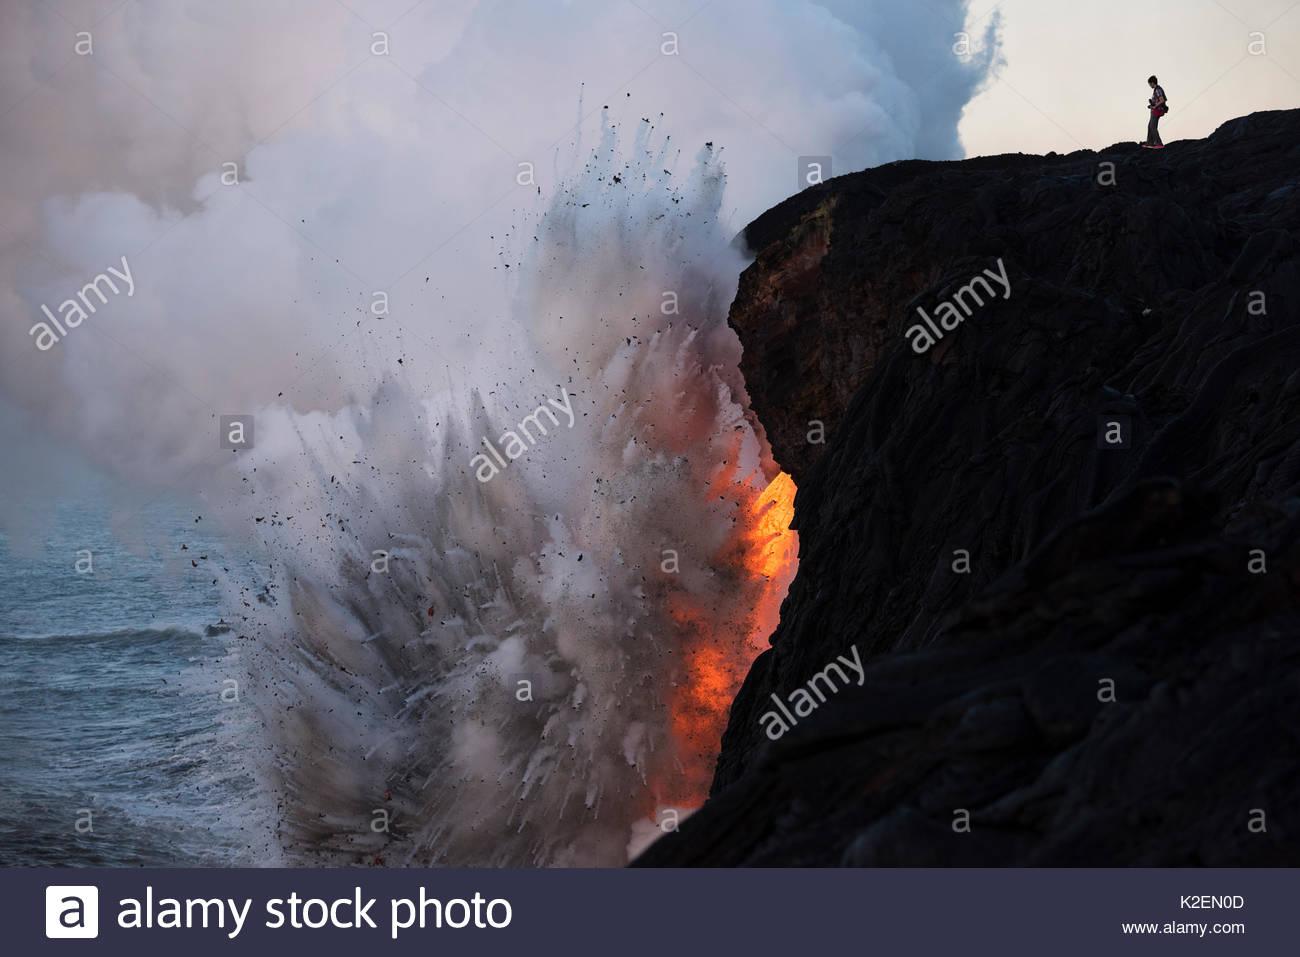 Un excursionista no autorizada en una zona restringida de aventurarse en un acantilado inestable a lo largo de un tubo de lava donde hot lava desde el 61G el flujo desde el Kilauea volcán entra en el océano desde el extremo abierto del tubo de lava, así como una violenta explosión de vapor caliente lanza piedras pómez en el acantilado, al Kamokuna entrada en el Parque Nacional de Los Volcanes de Hawaii, Puna, Hawai. De enero de 2017. Imagen De Stock